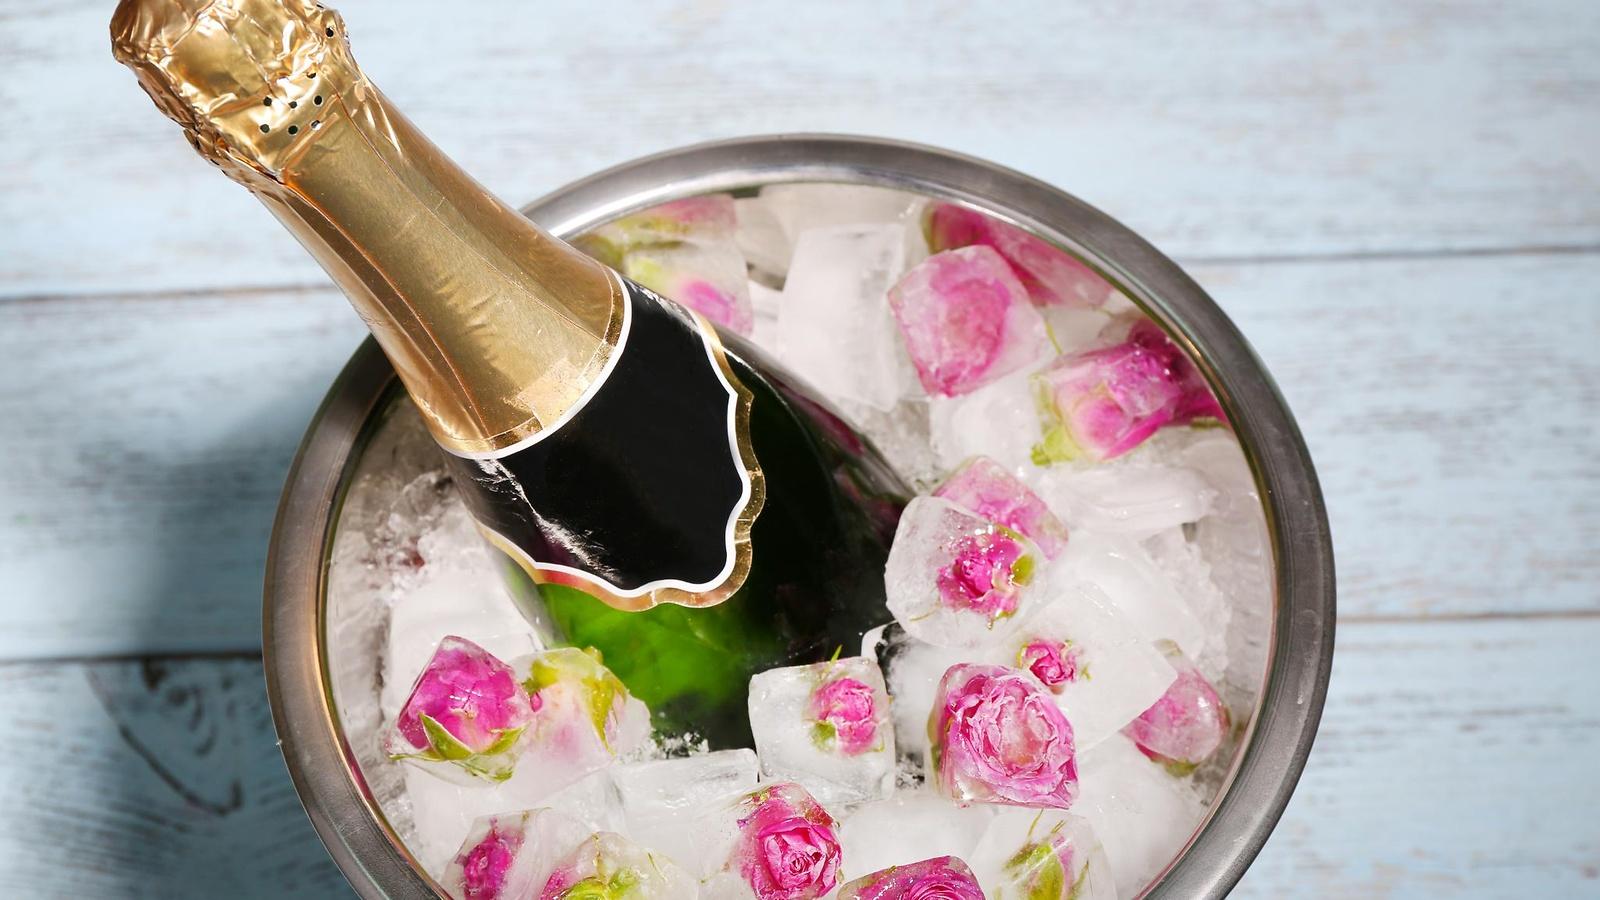 Шампанское в ведре со льдом